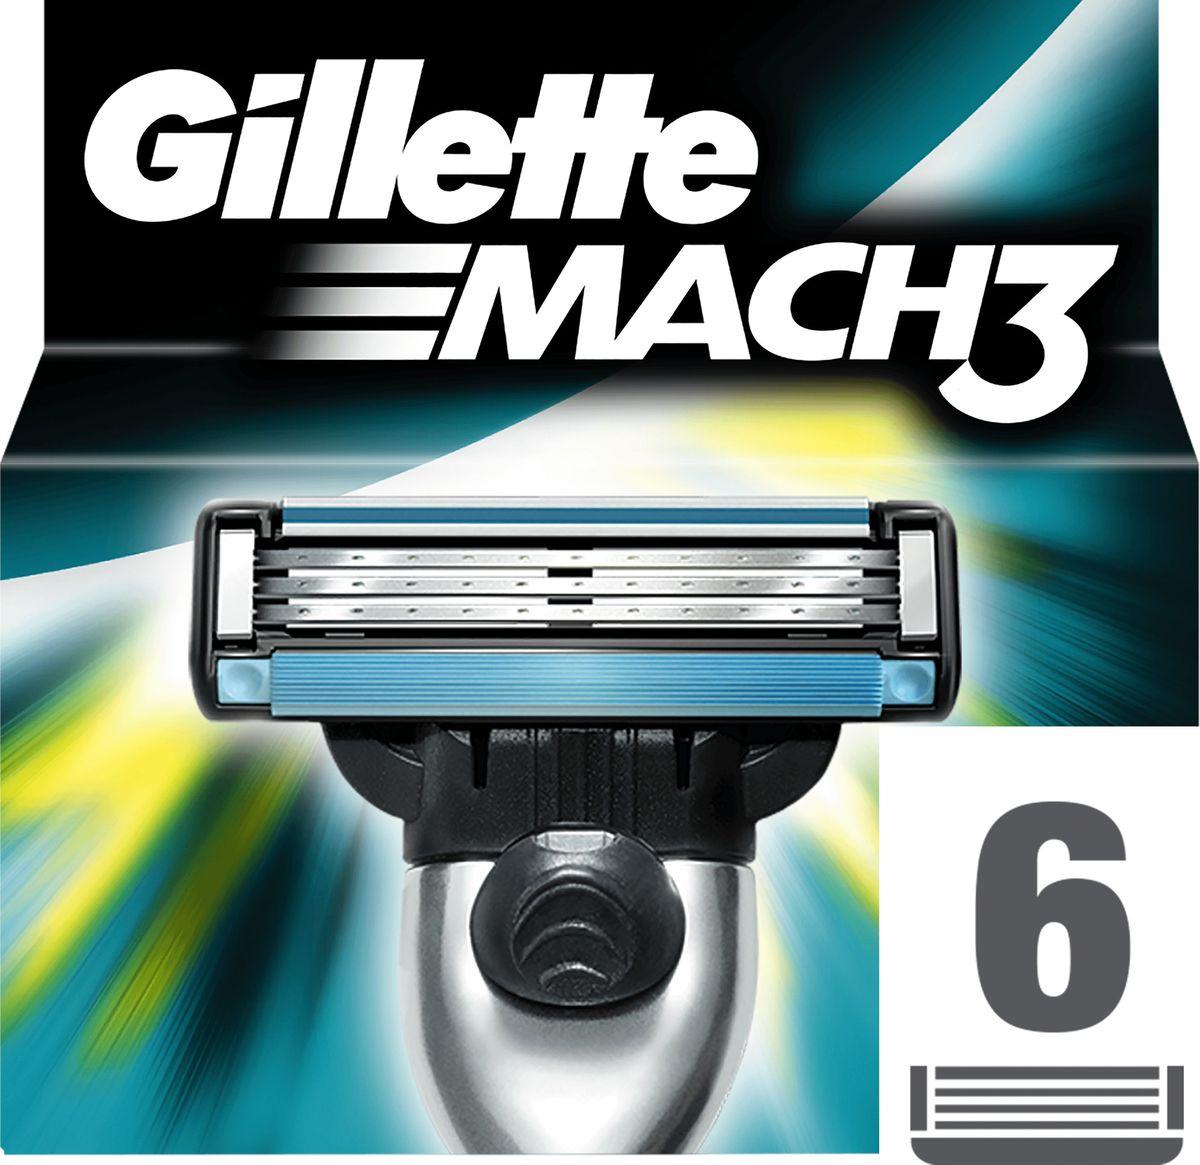 Сменные Кассеты Gillette Mach3 для Мужской Бритвы, 6 шт